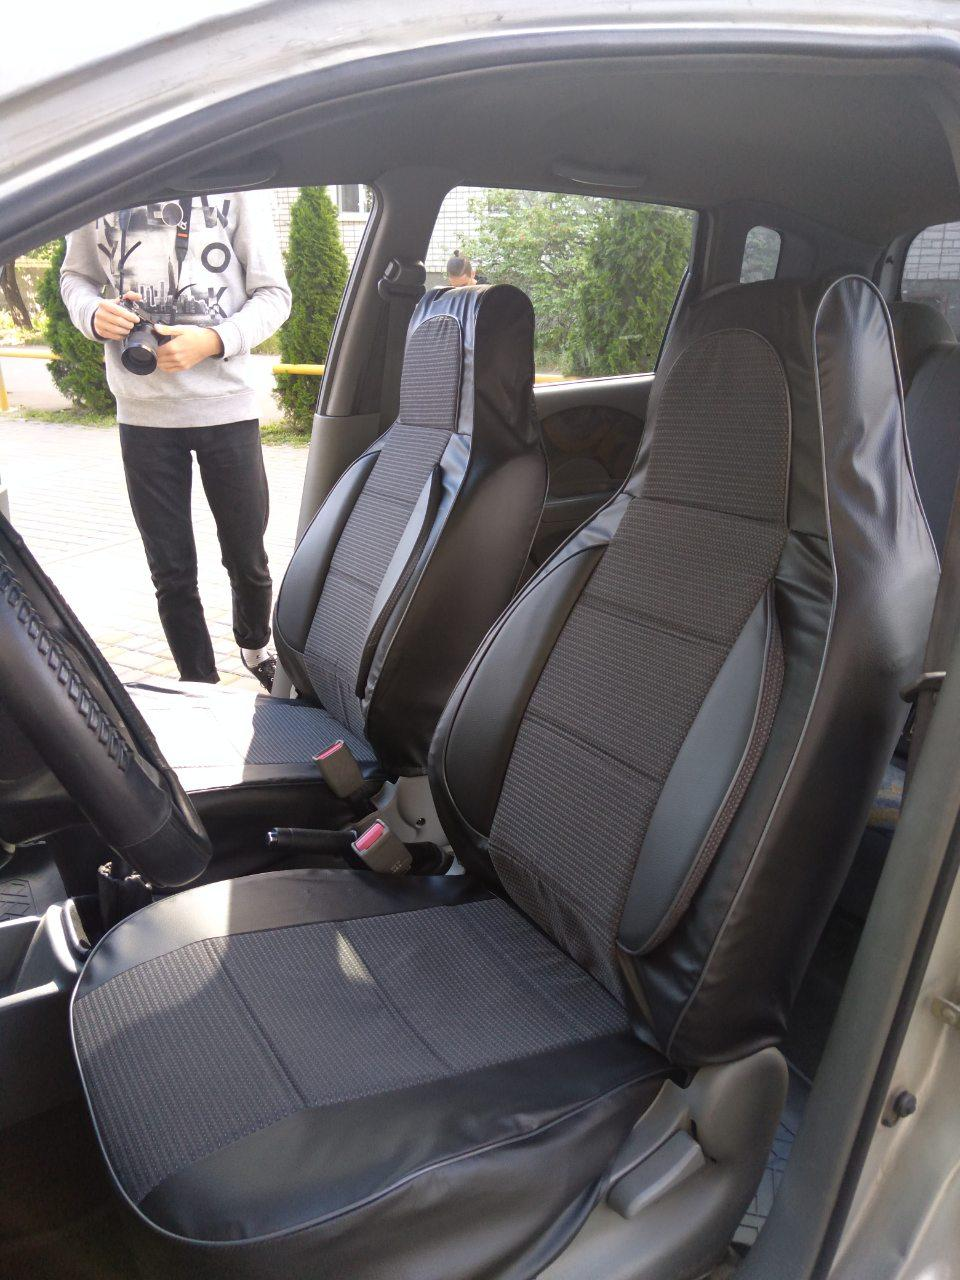 Чехлы на сиденья ДЭУ Нубира (Daewoo Nubira) (универсальные, кожзам+автоткань, пилот)